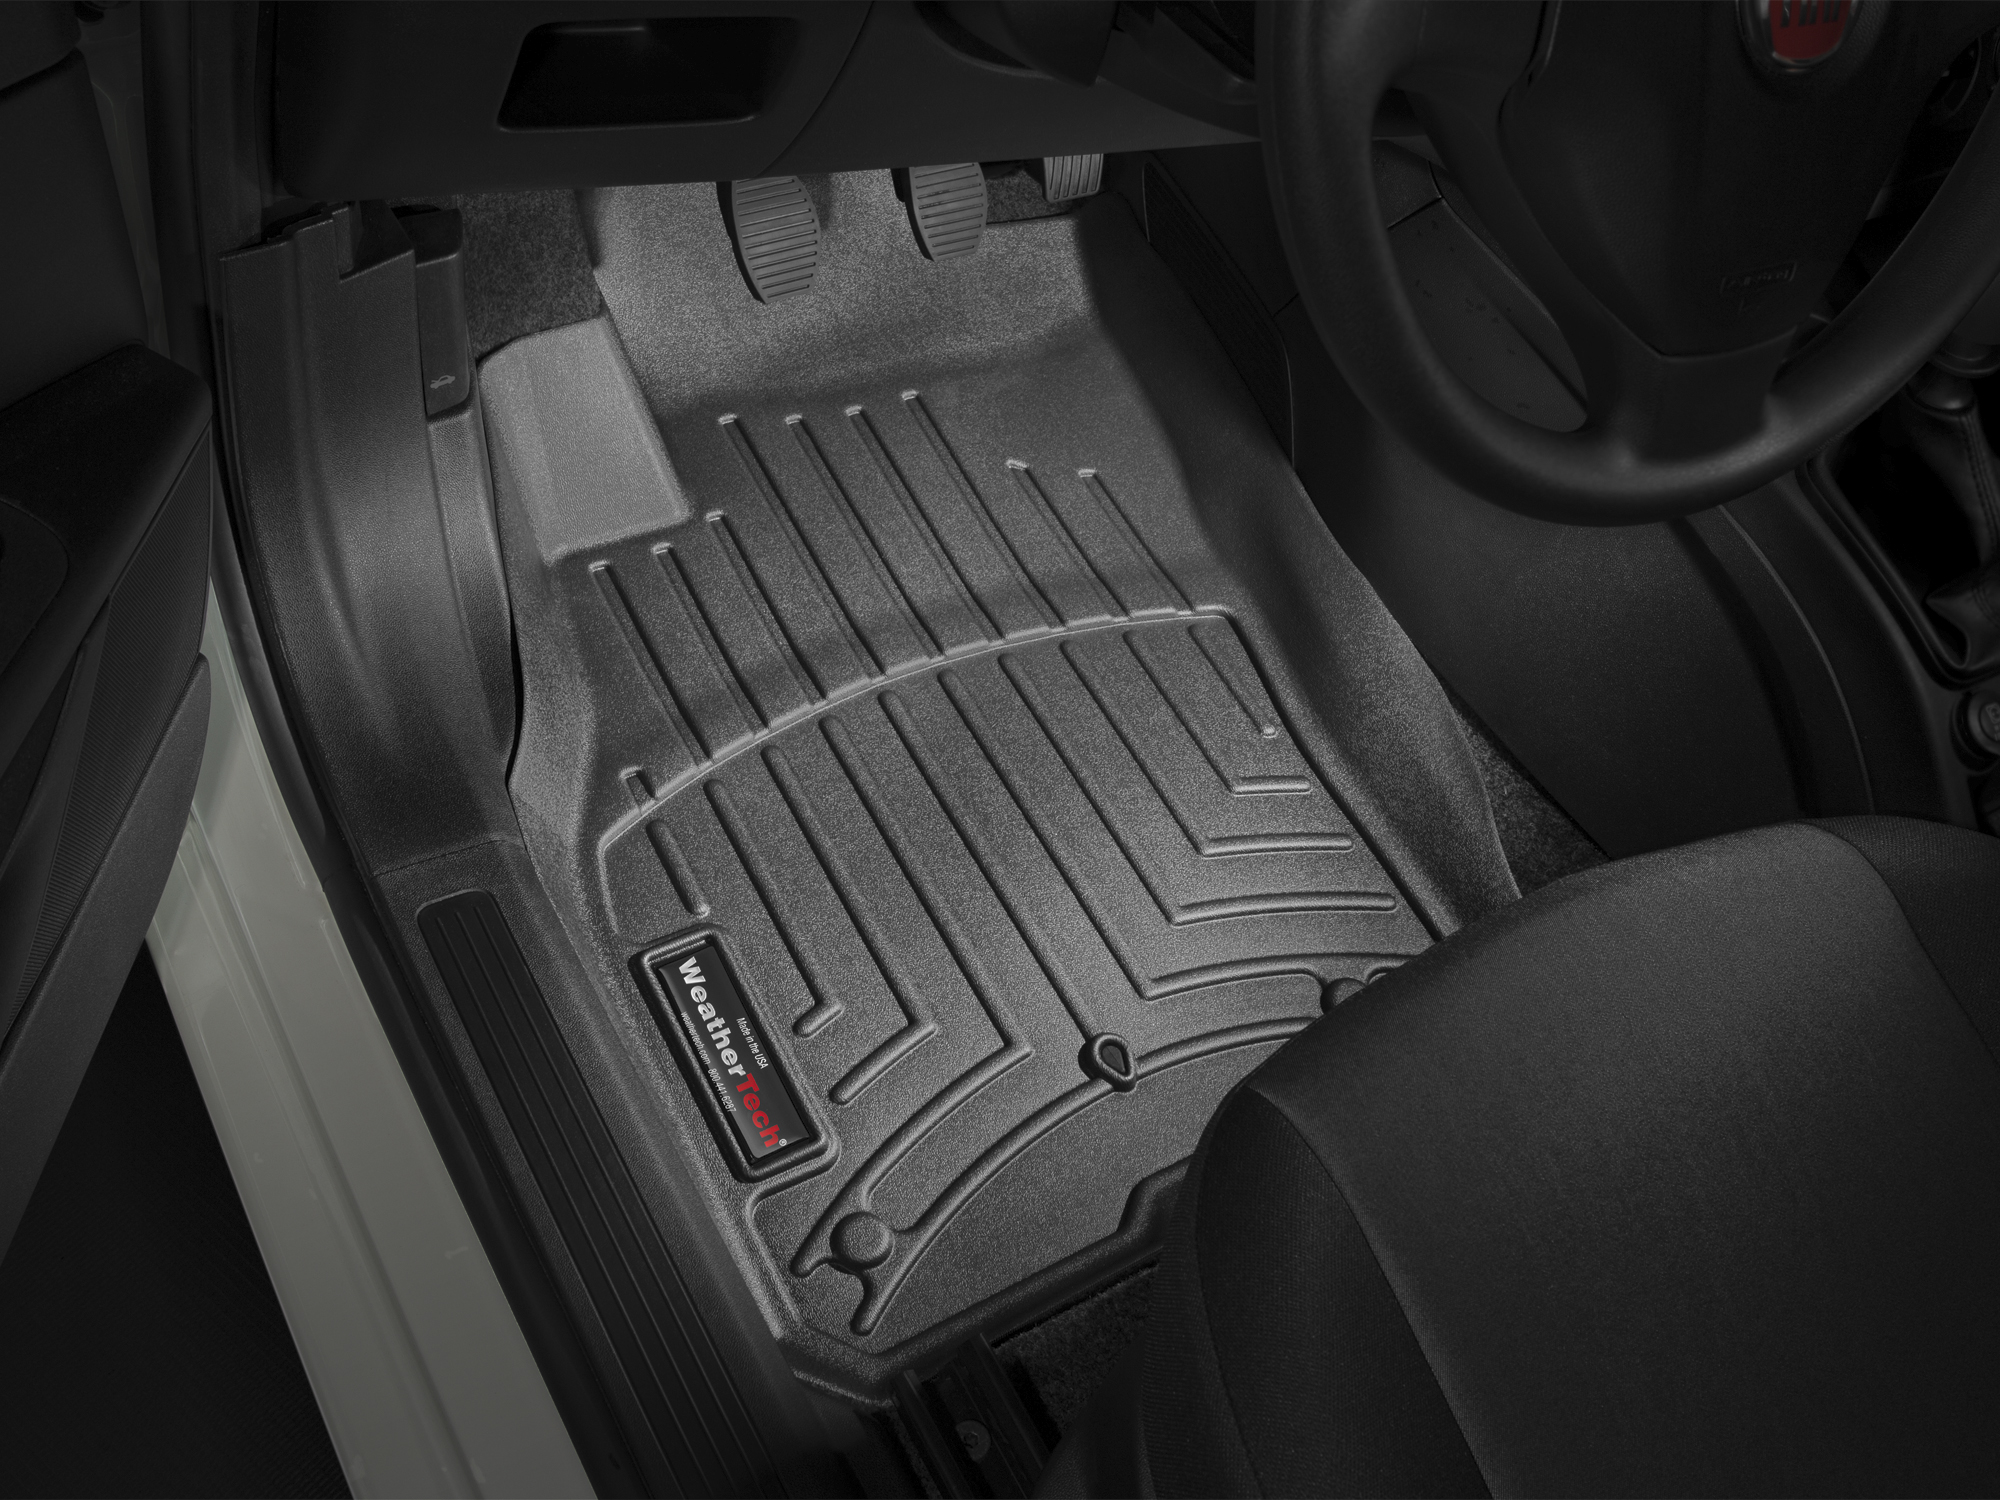 Tappeti gomma su misura bordo alto Fiat Punto EVO 09>13 Nero A834*